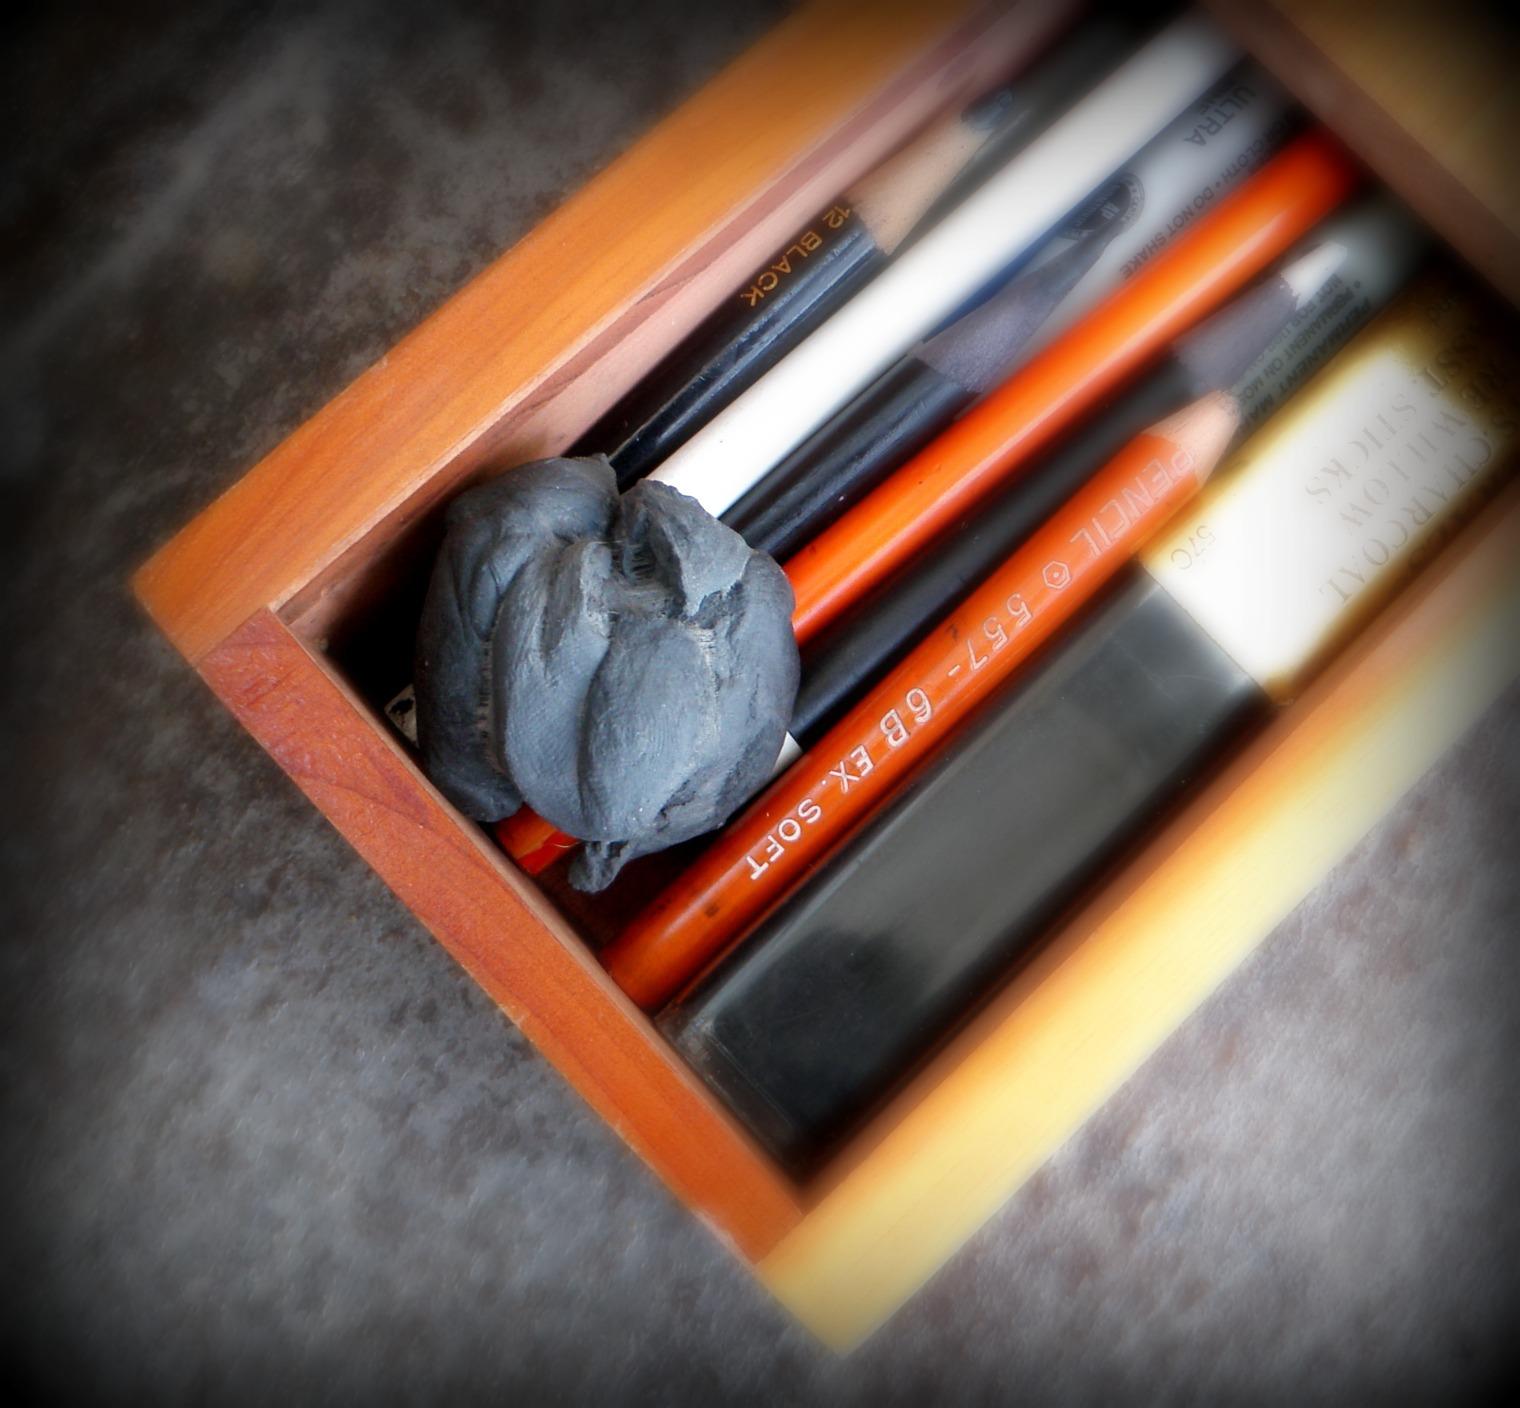 http://4.bp.blogspot.com/-xSavgPm1itQ/Tbr59Q3Cx_I/AAAAAAAABOs/gAjrC4Sfivo/s1600/pencil+box+003+crop.jpg